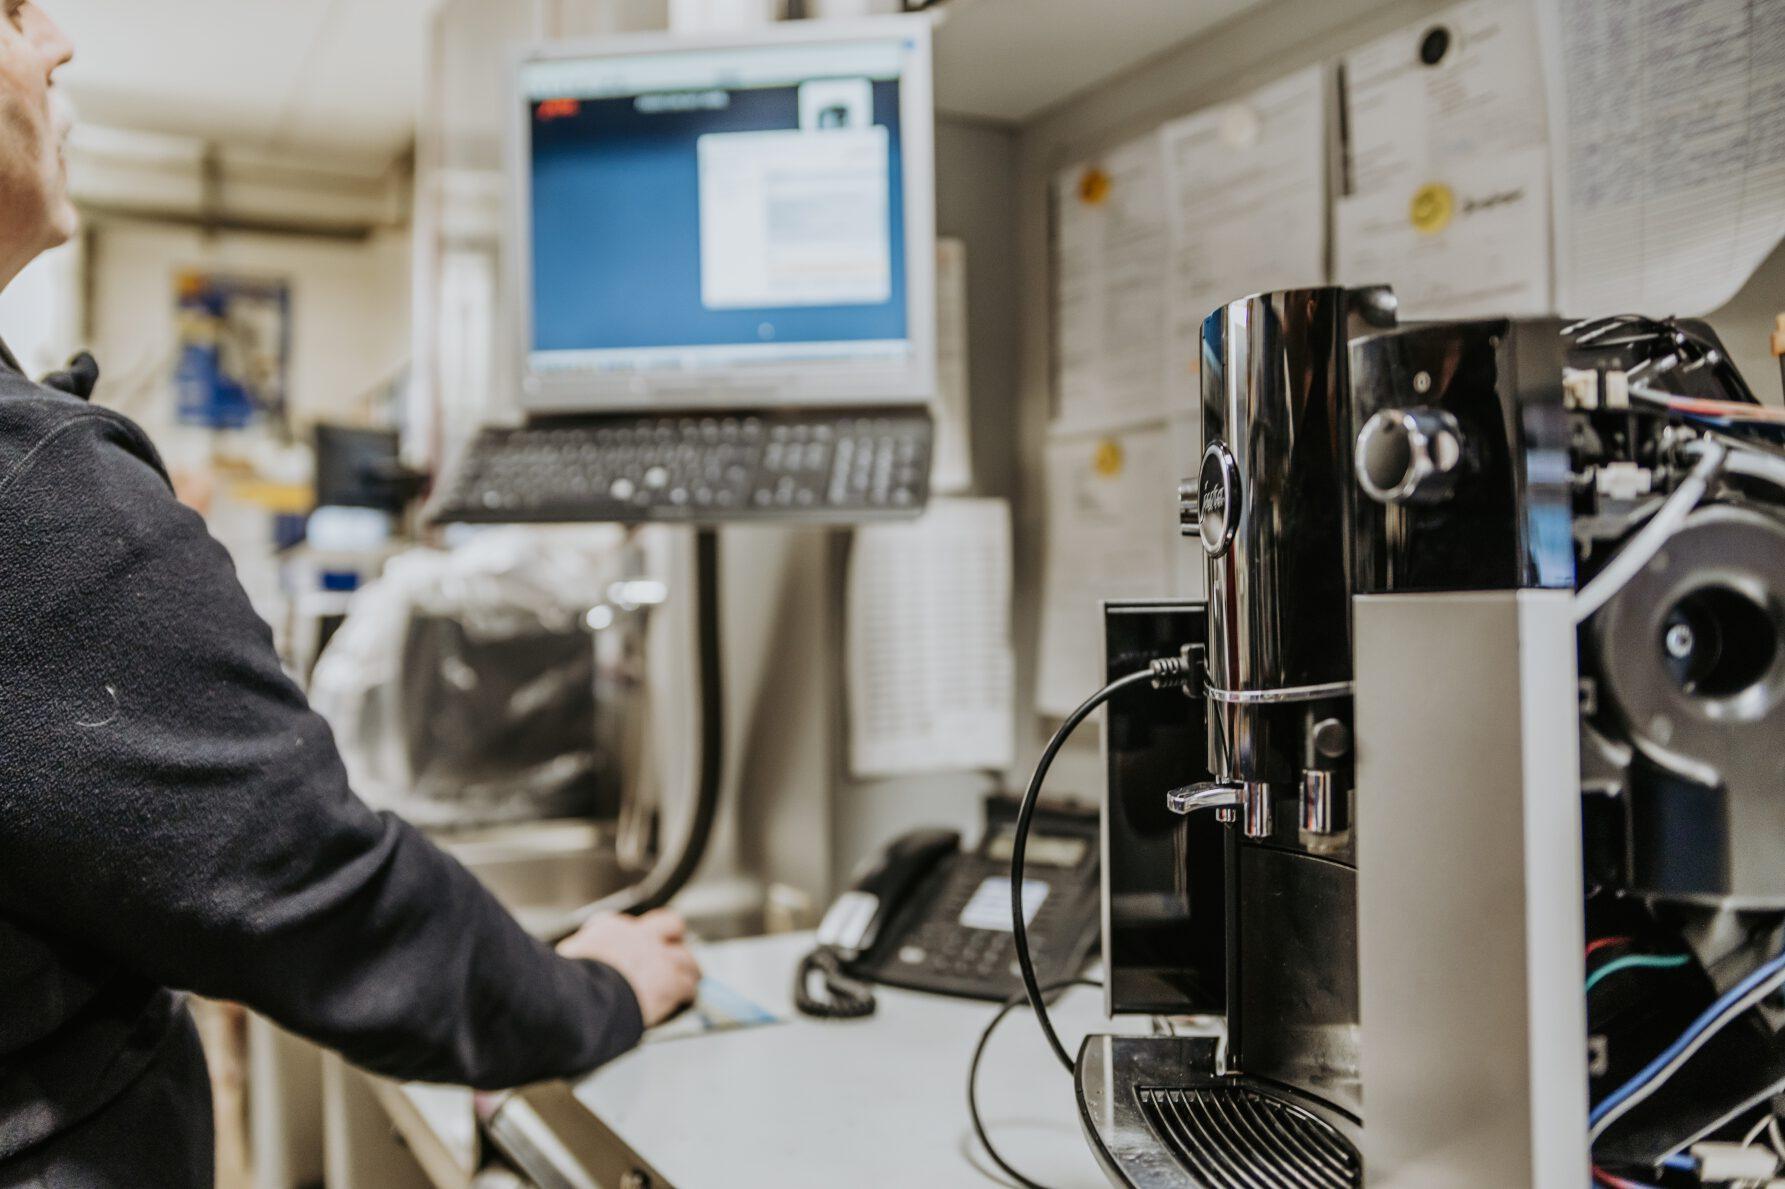 Werkstatt. Reparatur von Kaffeevollautomaten, JURA